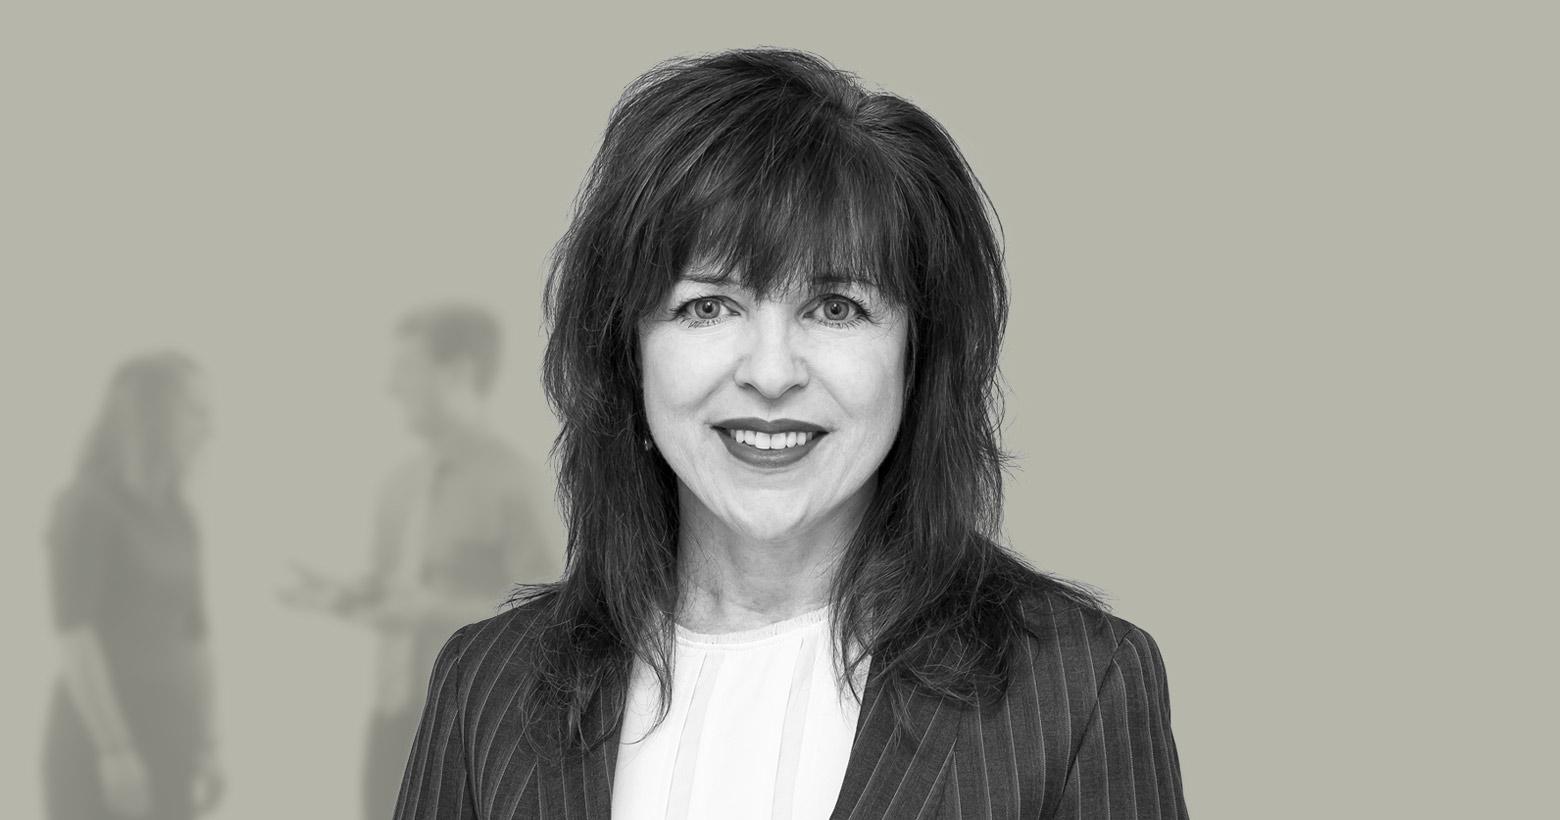 Lynn K. Neuner